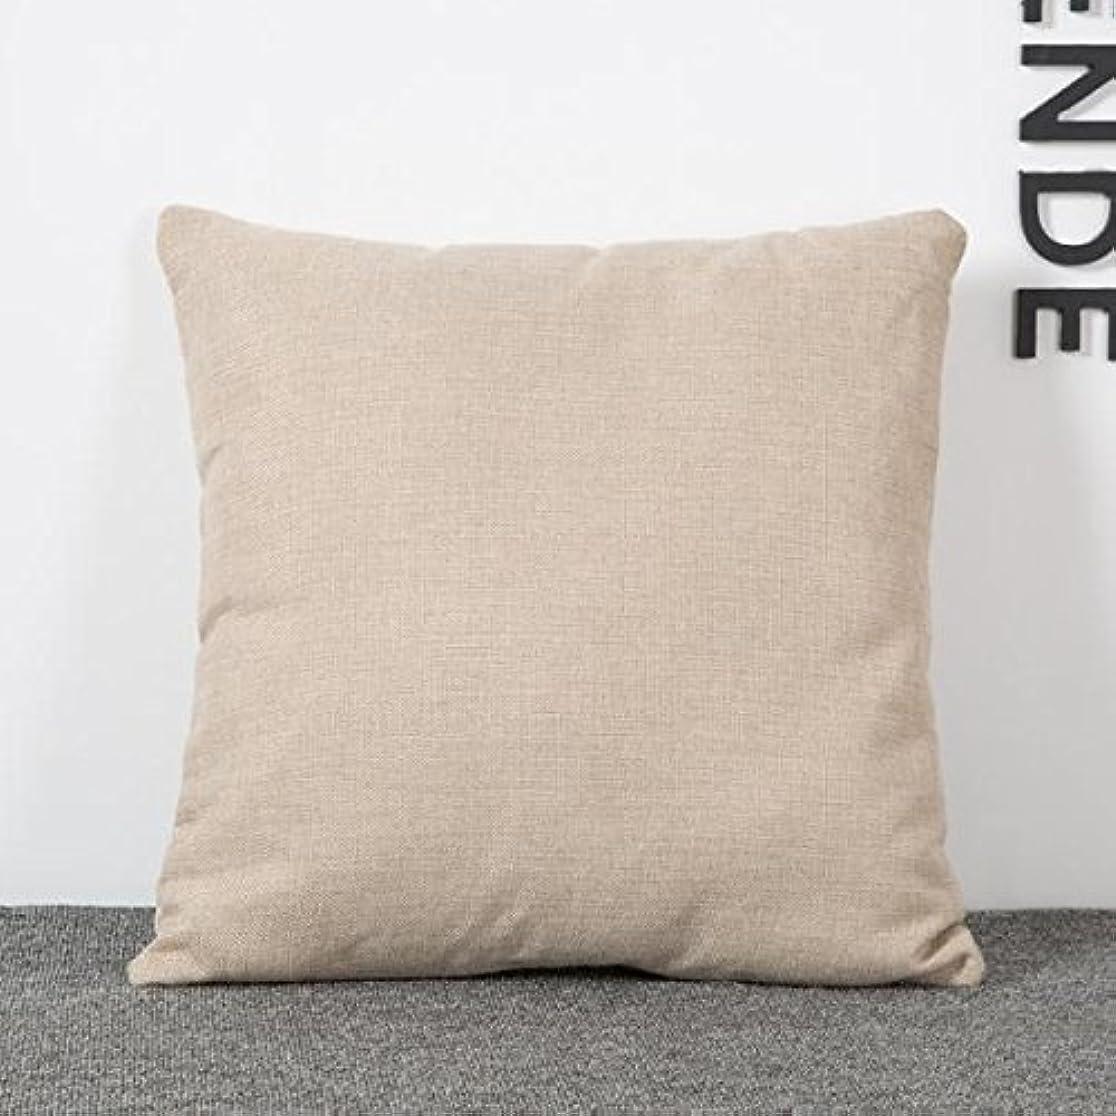 洗練設置隣接B Blesiya 蝶の綿の腰投げ枕カバーソファのクッションカバー家の装飾#2